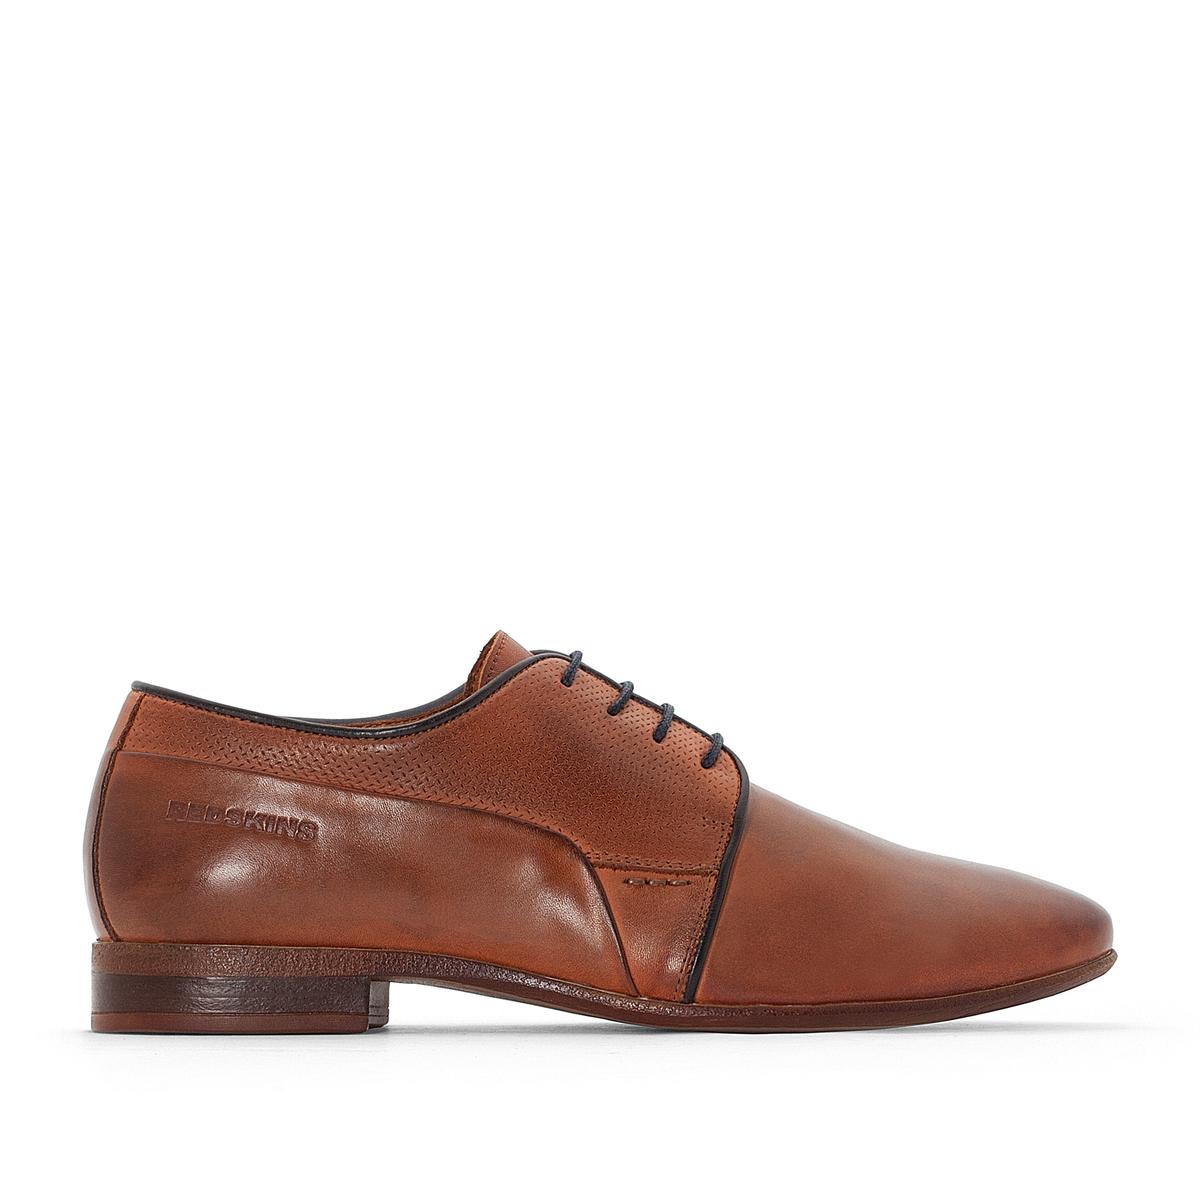 Ботинки-дерби кожаные Lagan ботинки дерби под кожу питона